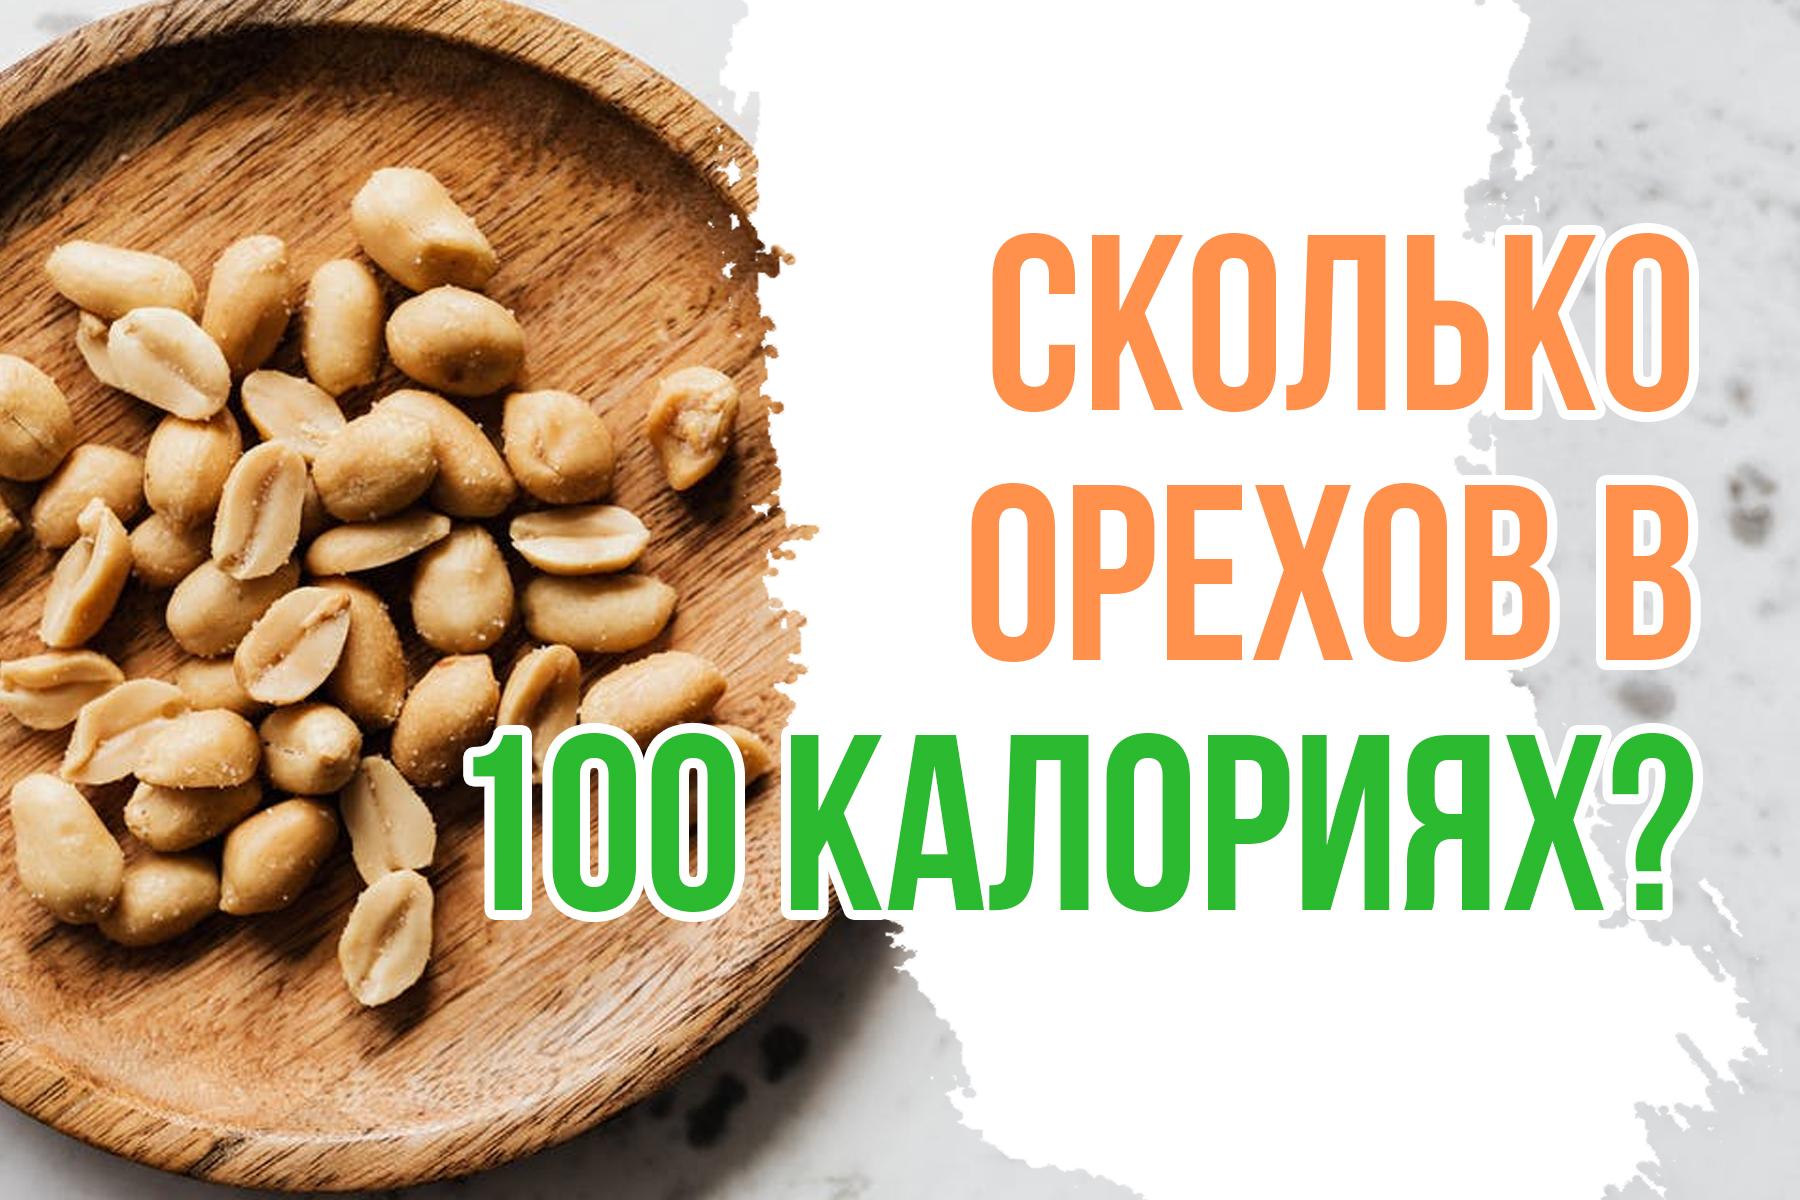 Сколько орехов содержится в 100 калориях